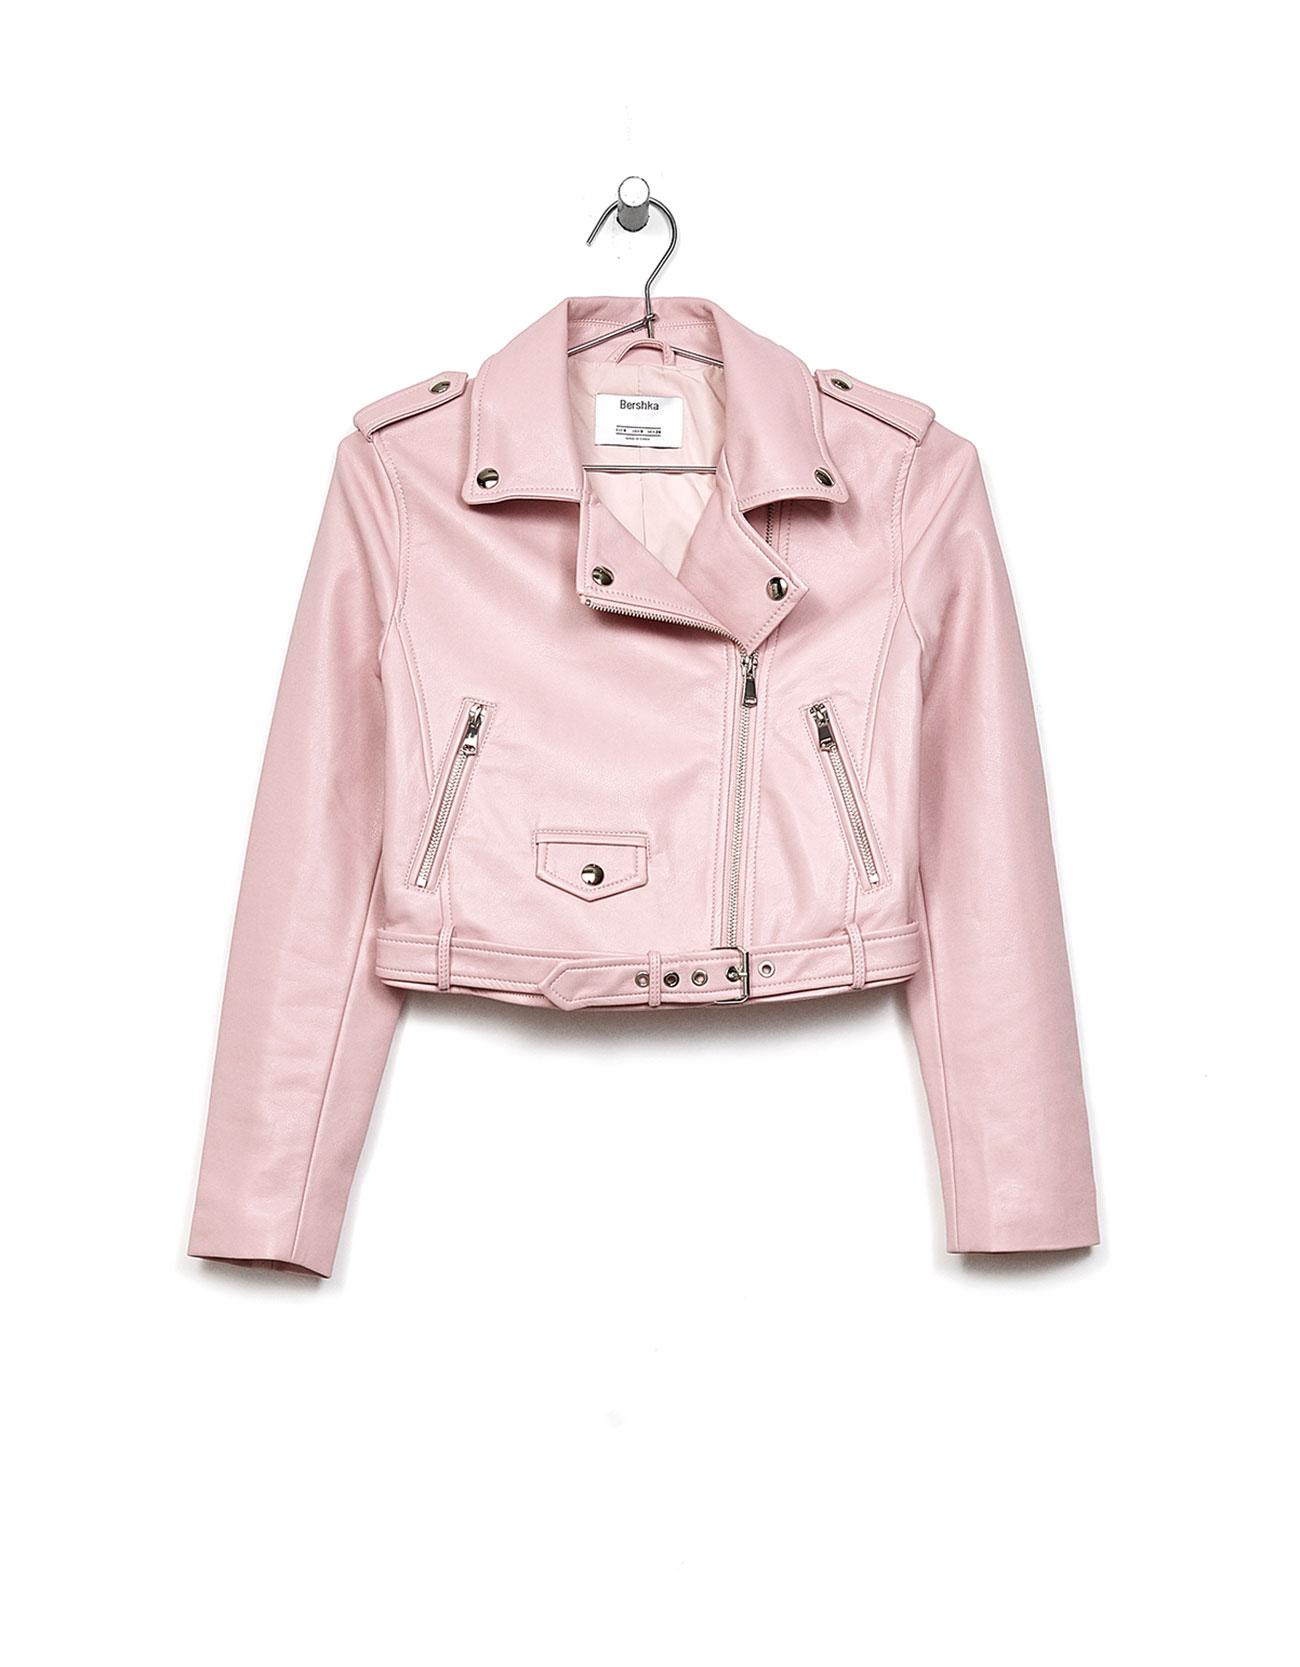 Short faux leather biker jacket - Jackets - Bershka Cyprus